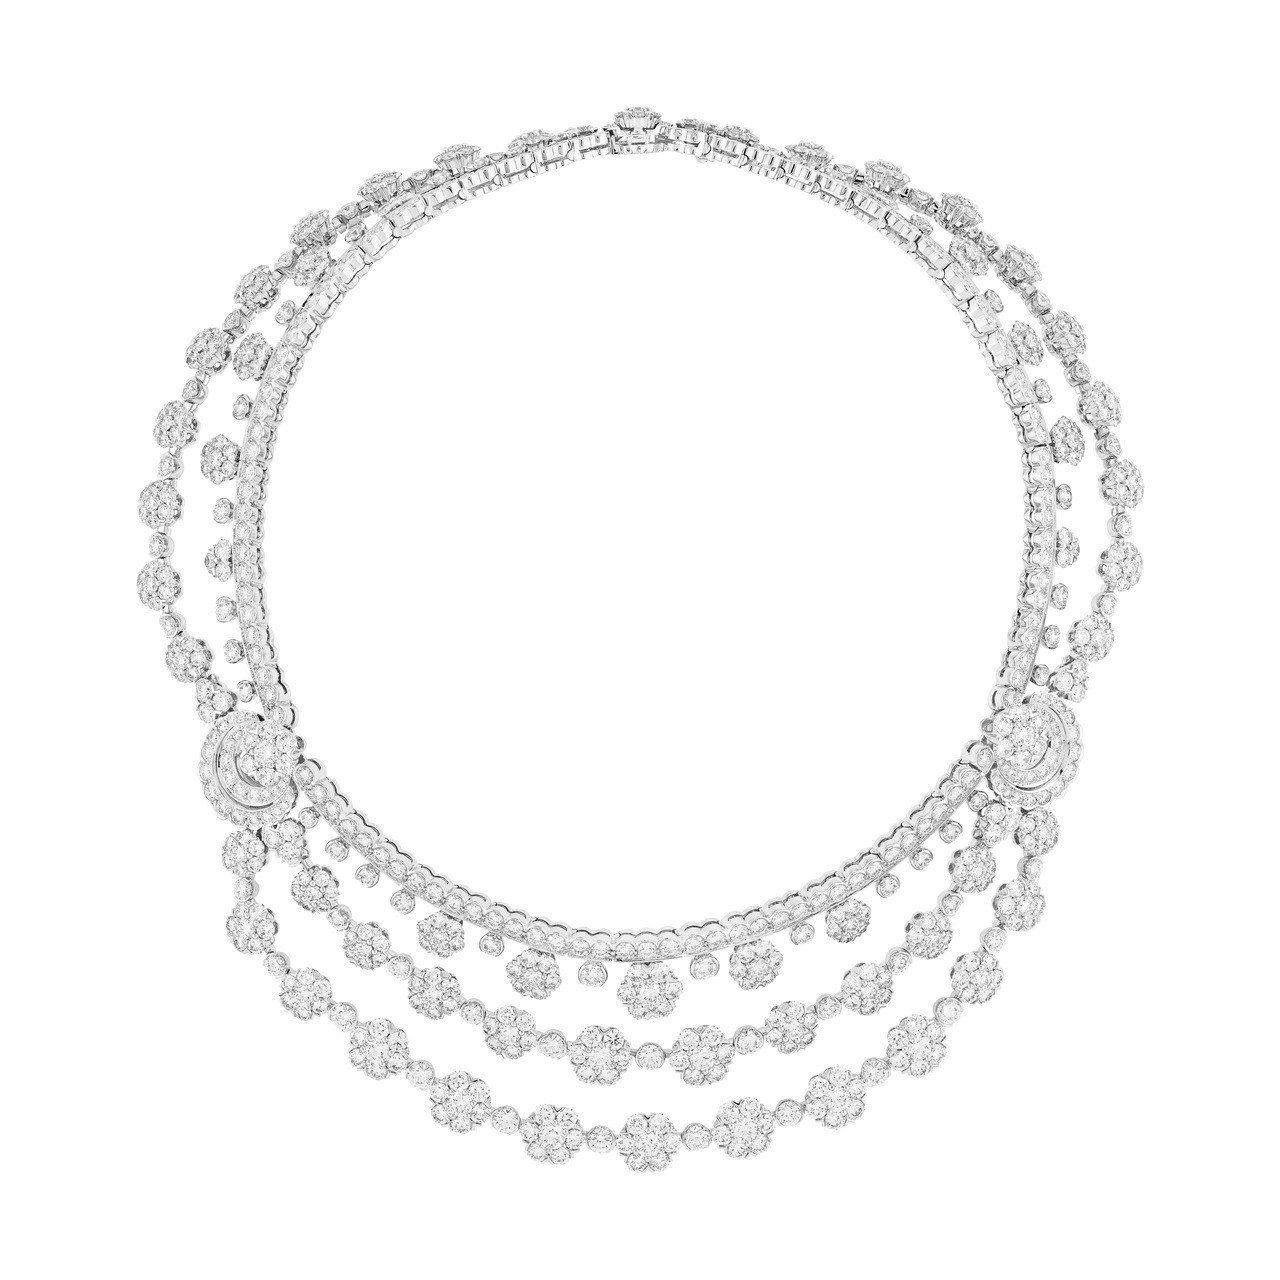 梵克雅寶Snowflake可轉換式項鍊,鉑金與白K金鑲嵌鑽石,價格店洽。圖/梵克...